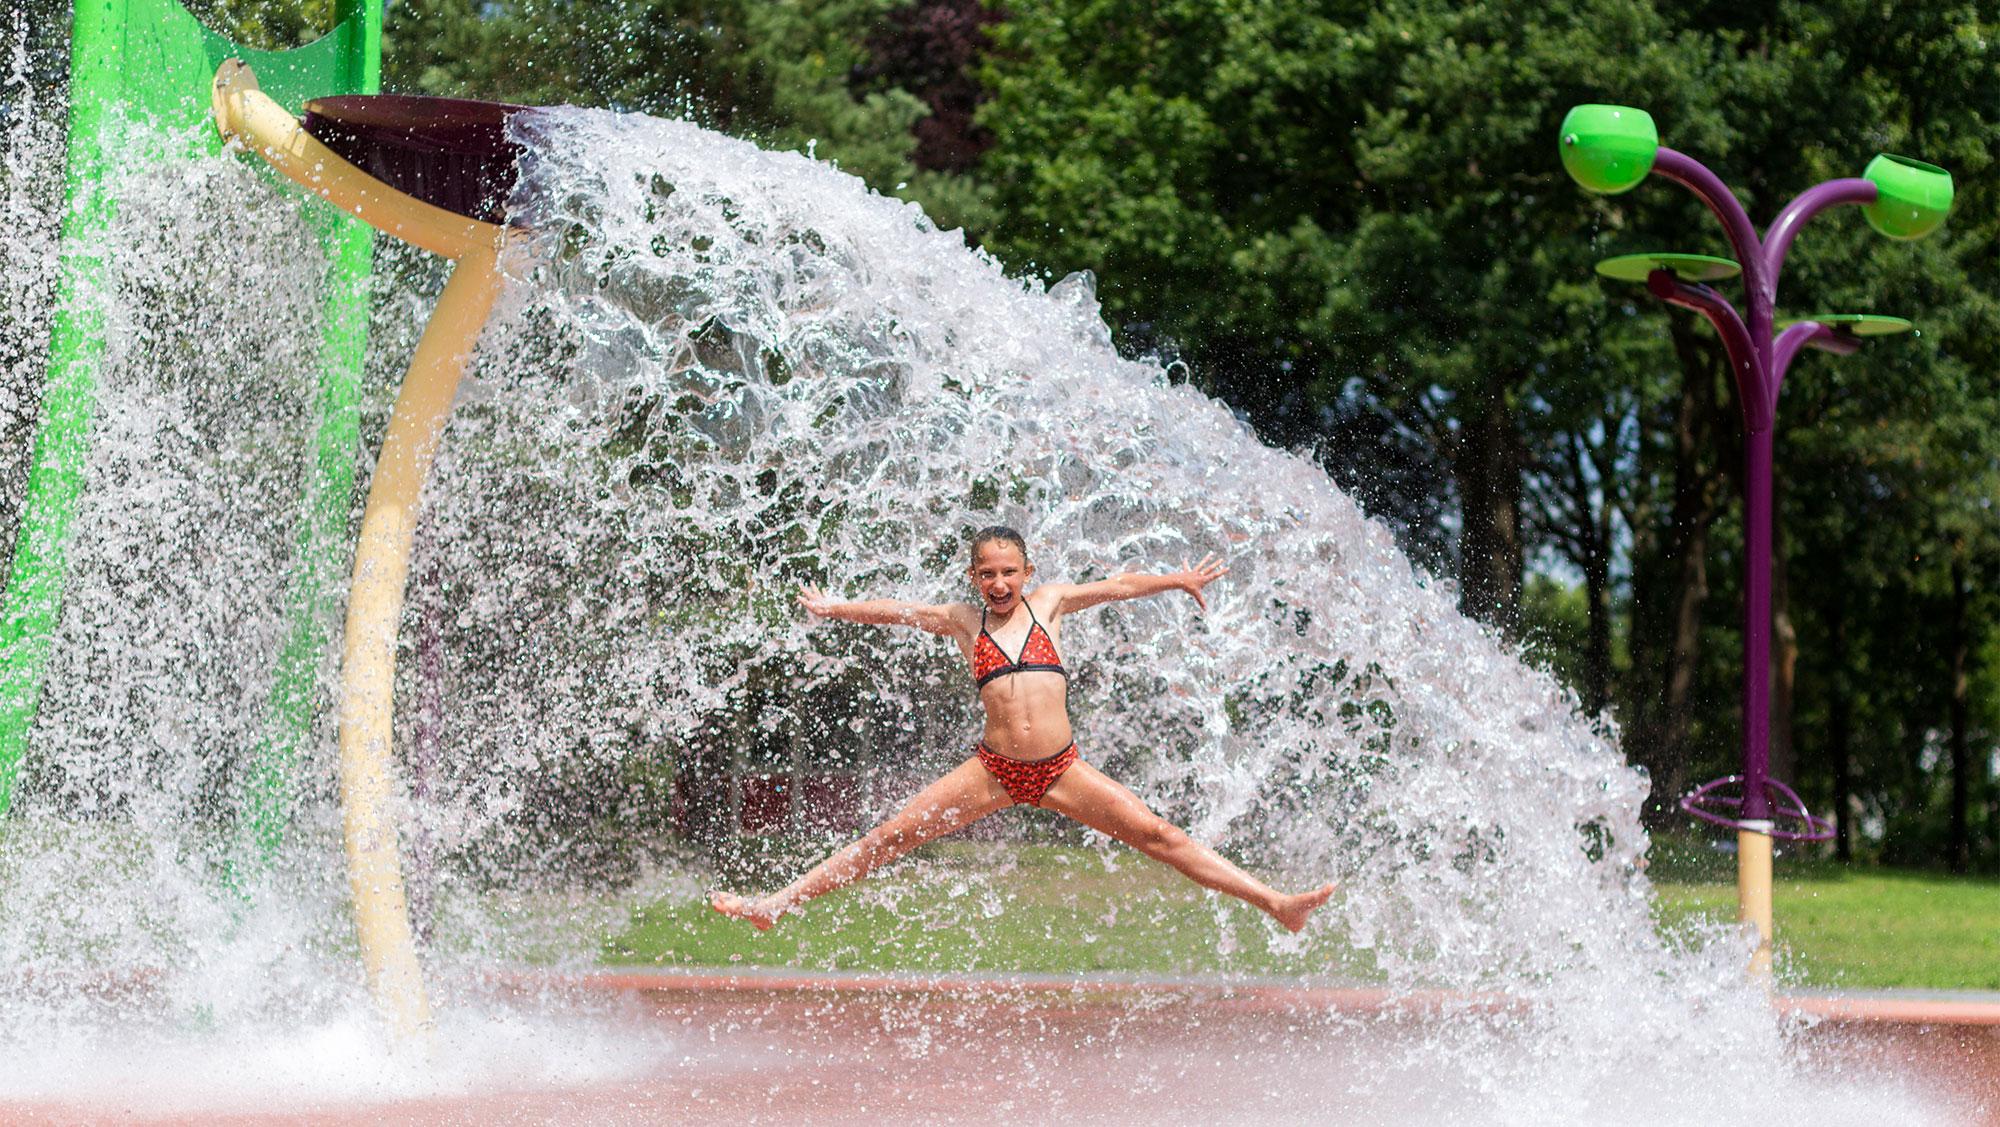 Molecaten Park Bosbad Hoeven 17a Waterspeelpark Splesj